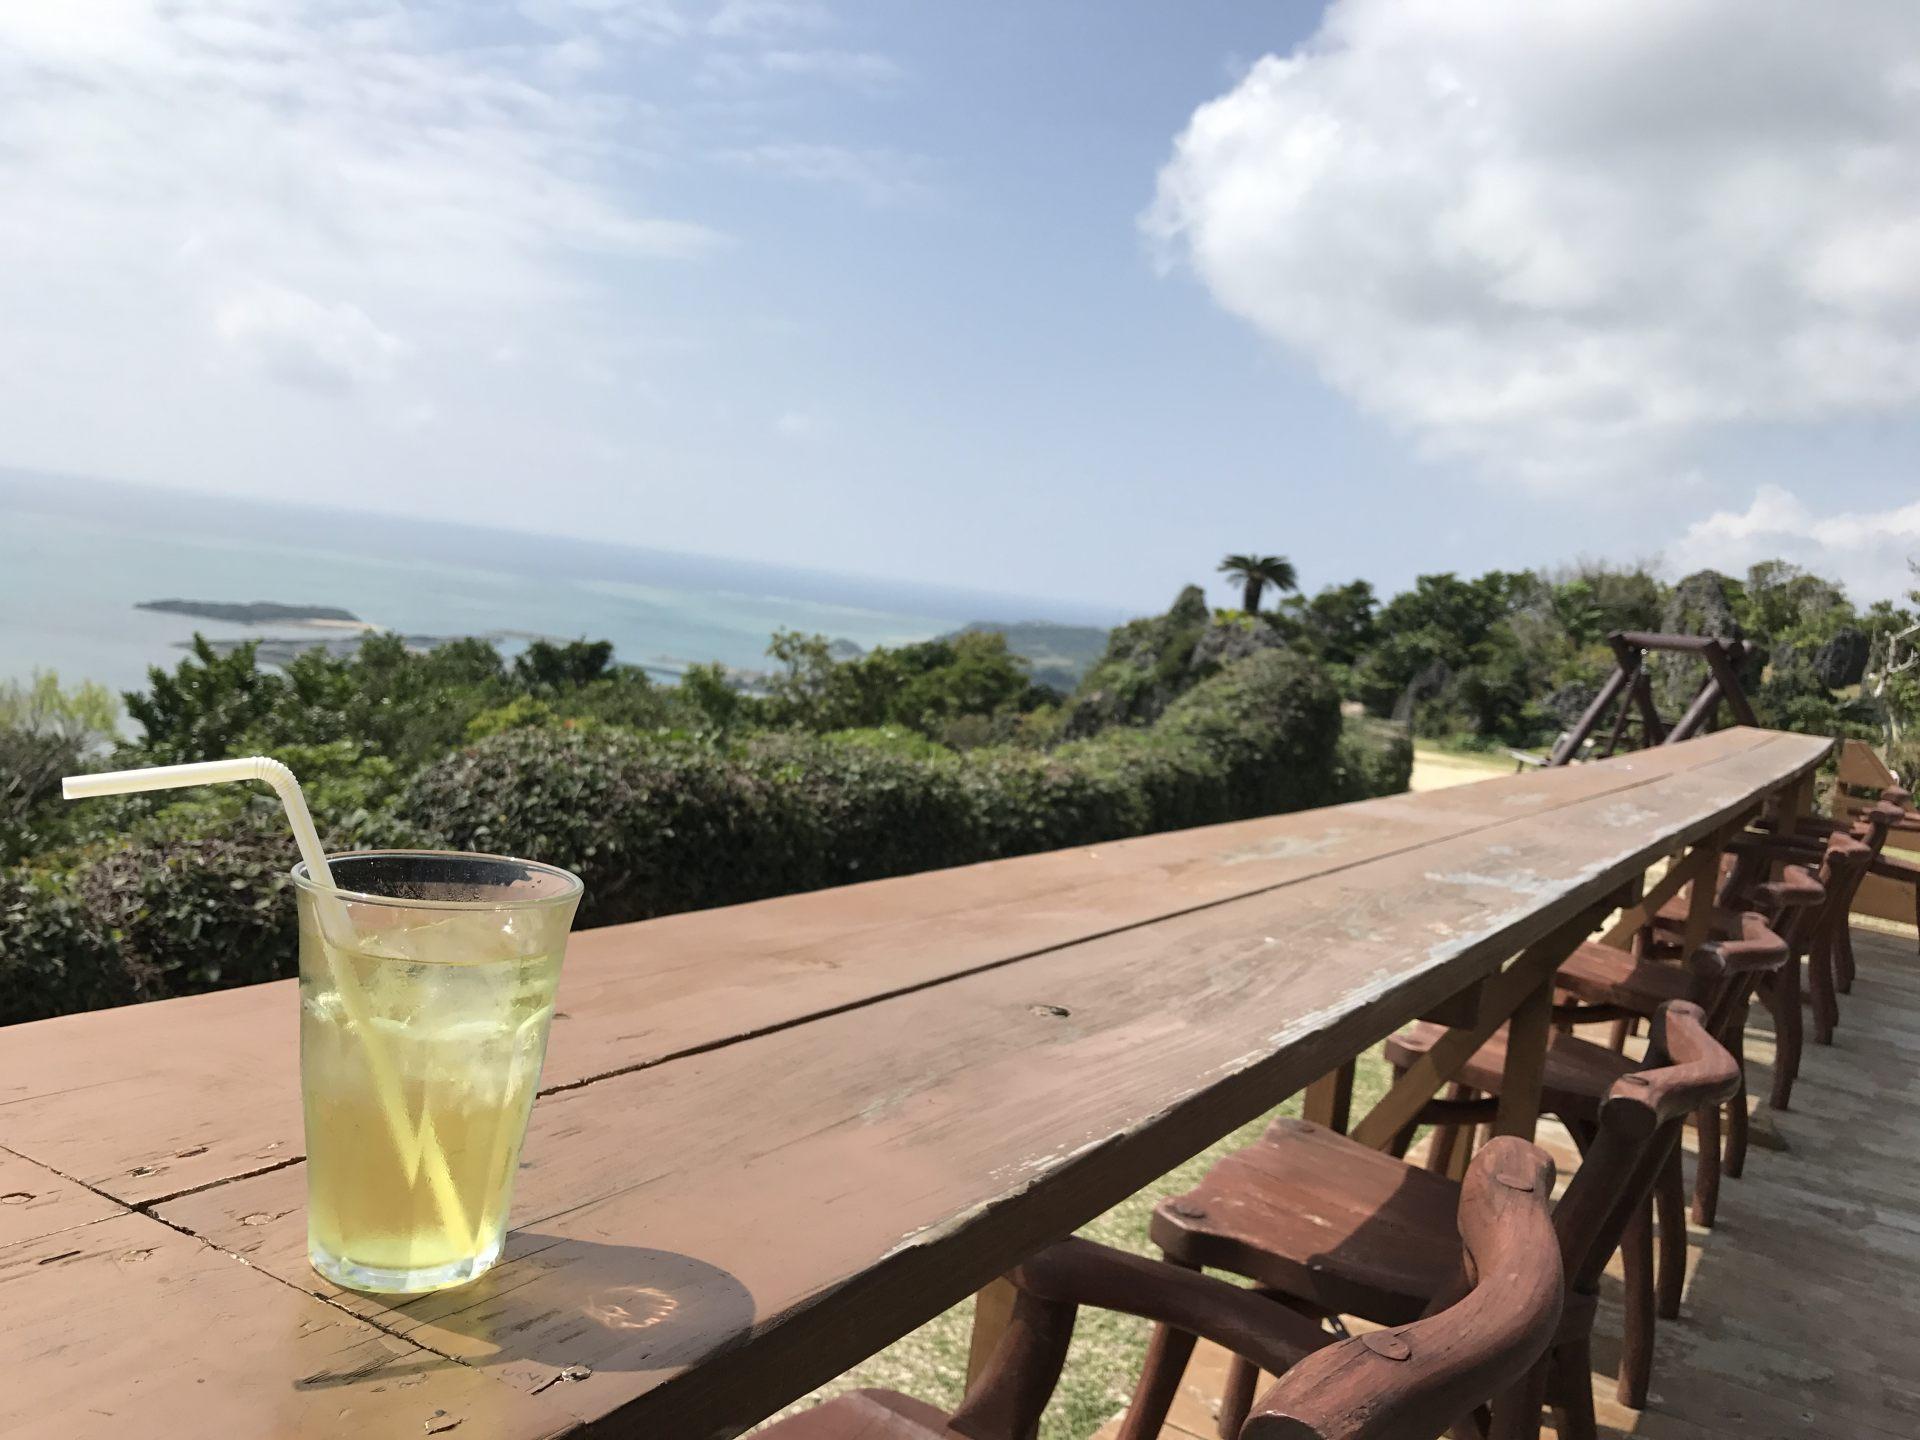 可以在露天座位喝茶并欣赏眼前海景